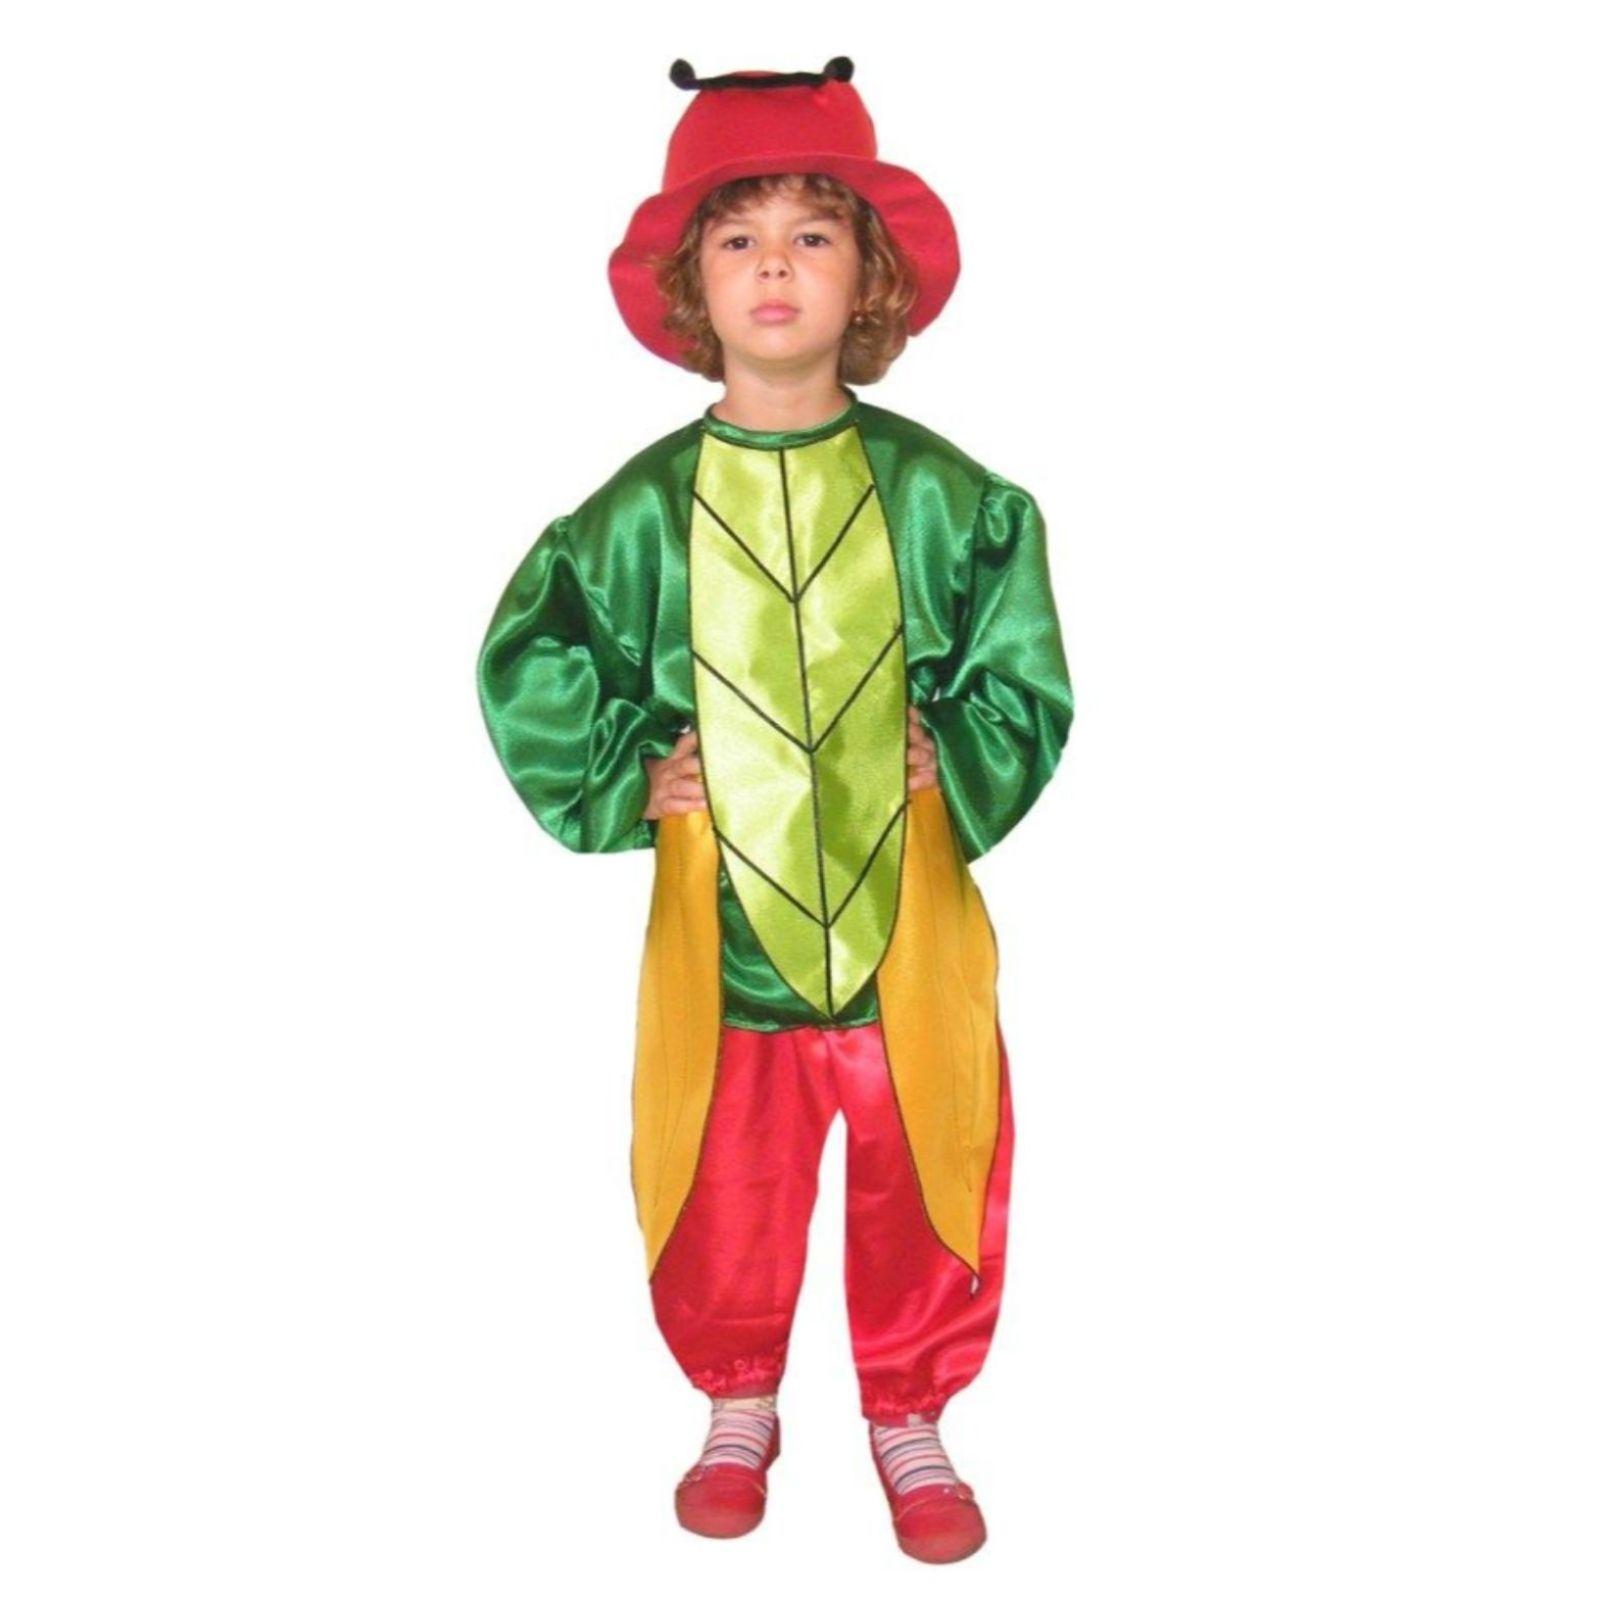 Costum de greiere colorat sau costum de licurici